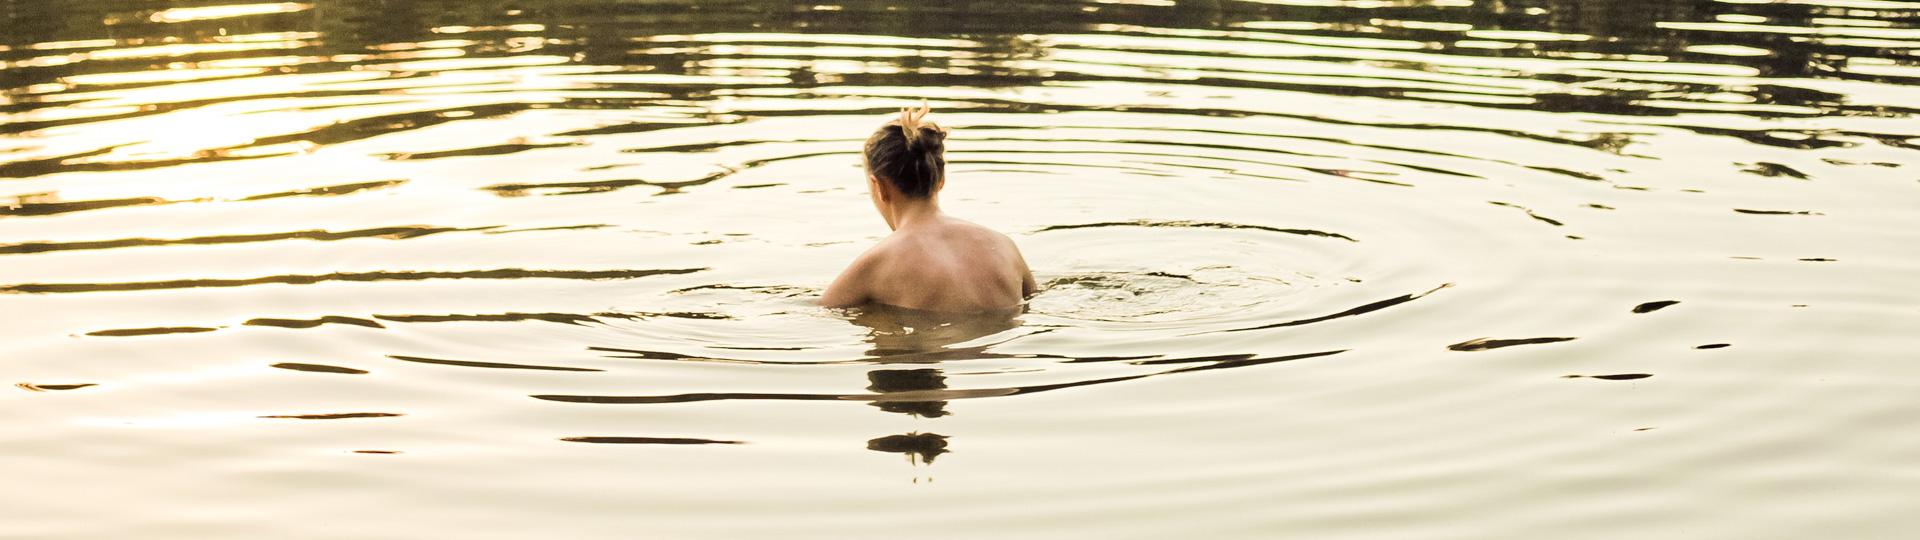 Regel bei der Benutzung eines Schwimmteichs